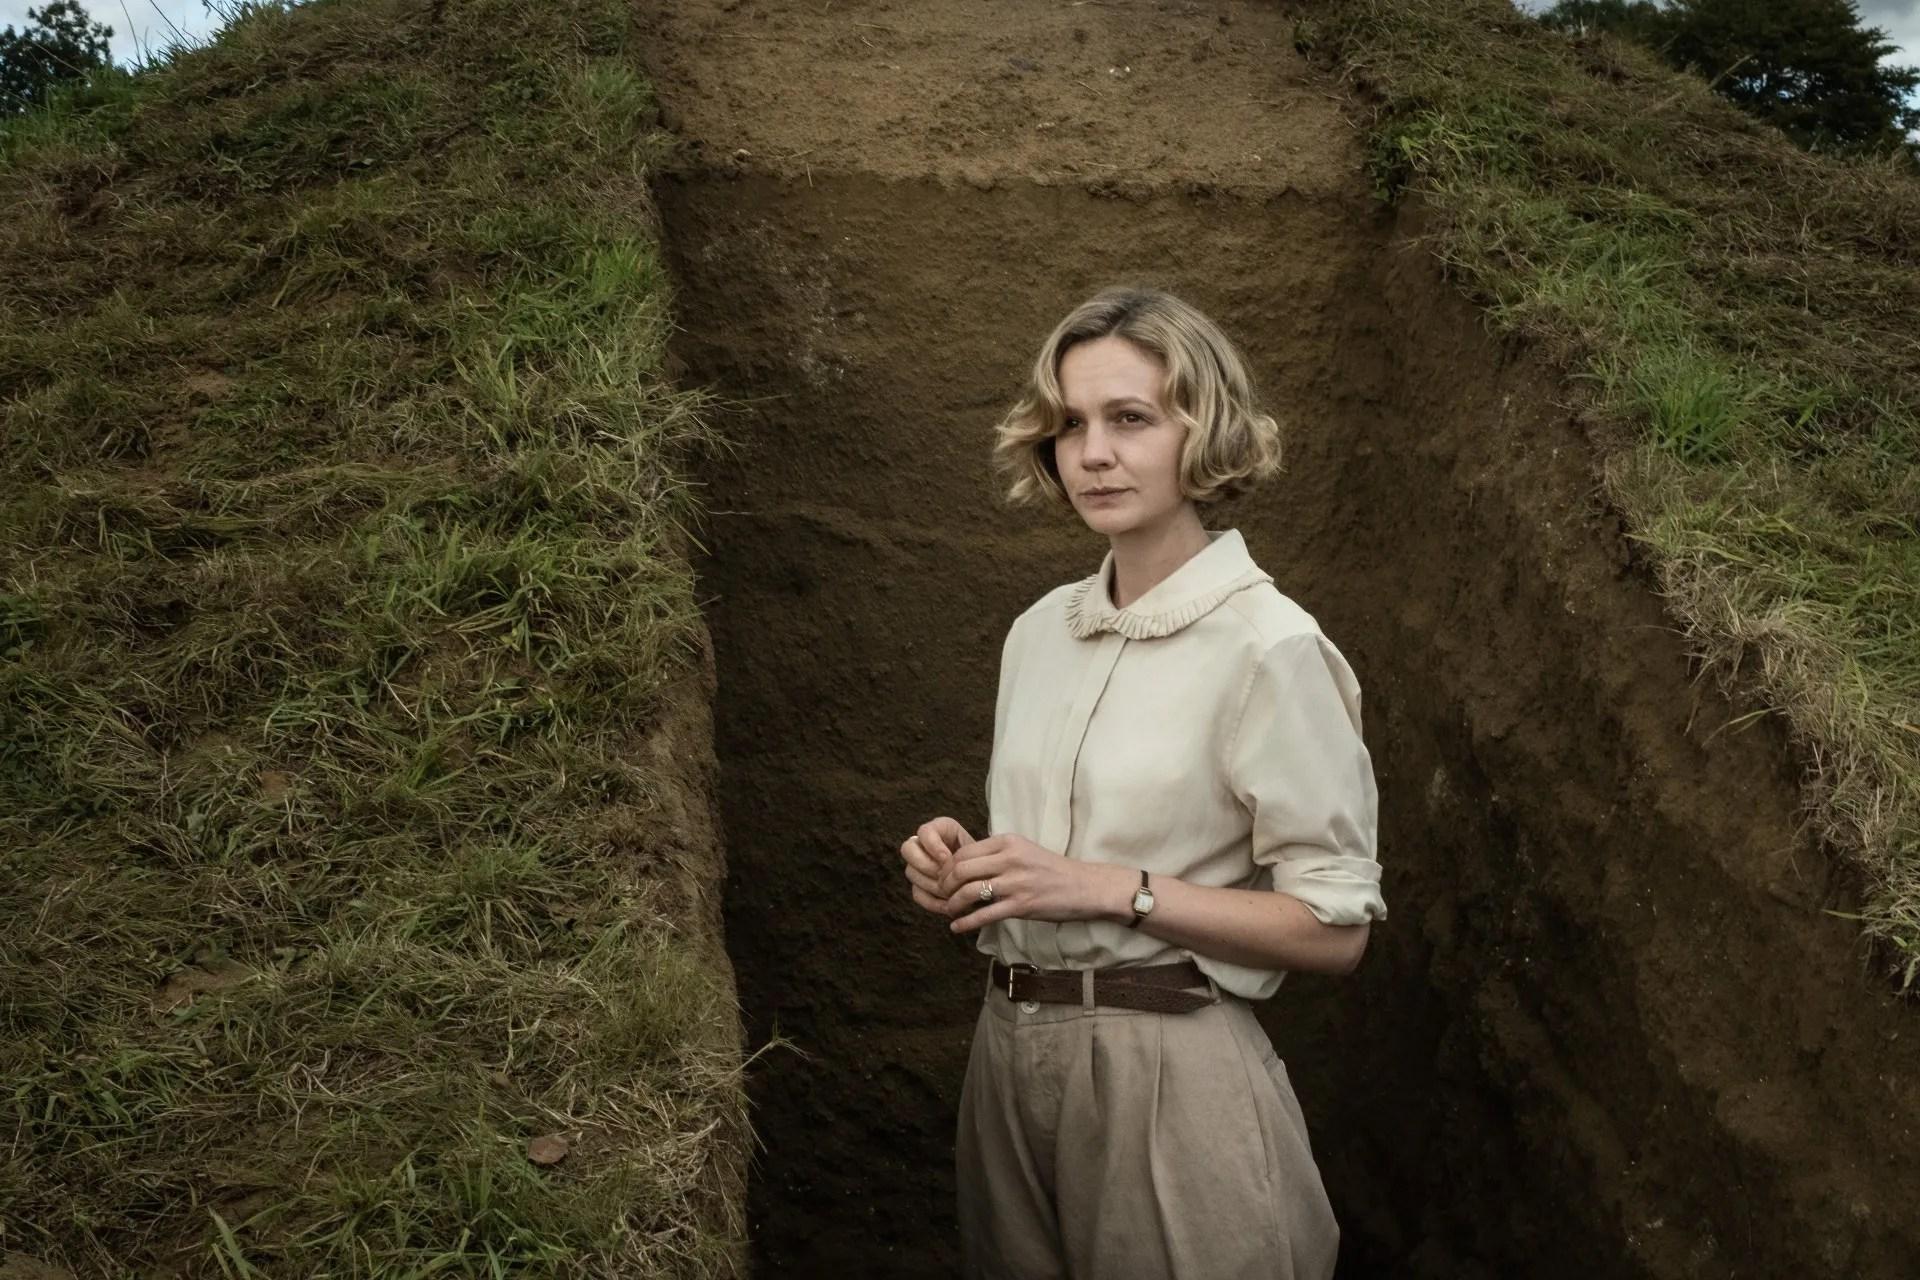 La excavación', la nueva película de época de Netflix con Carey Mulligan  que es perfecta para el fin de semana | Vogue España